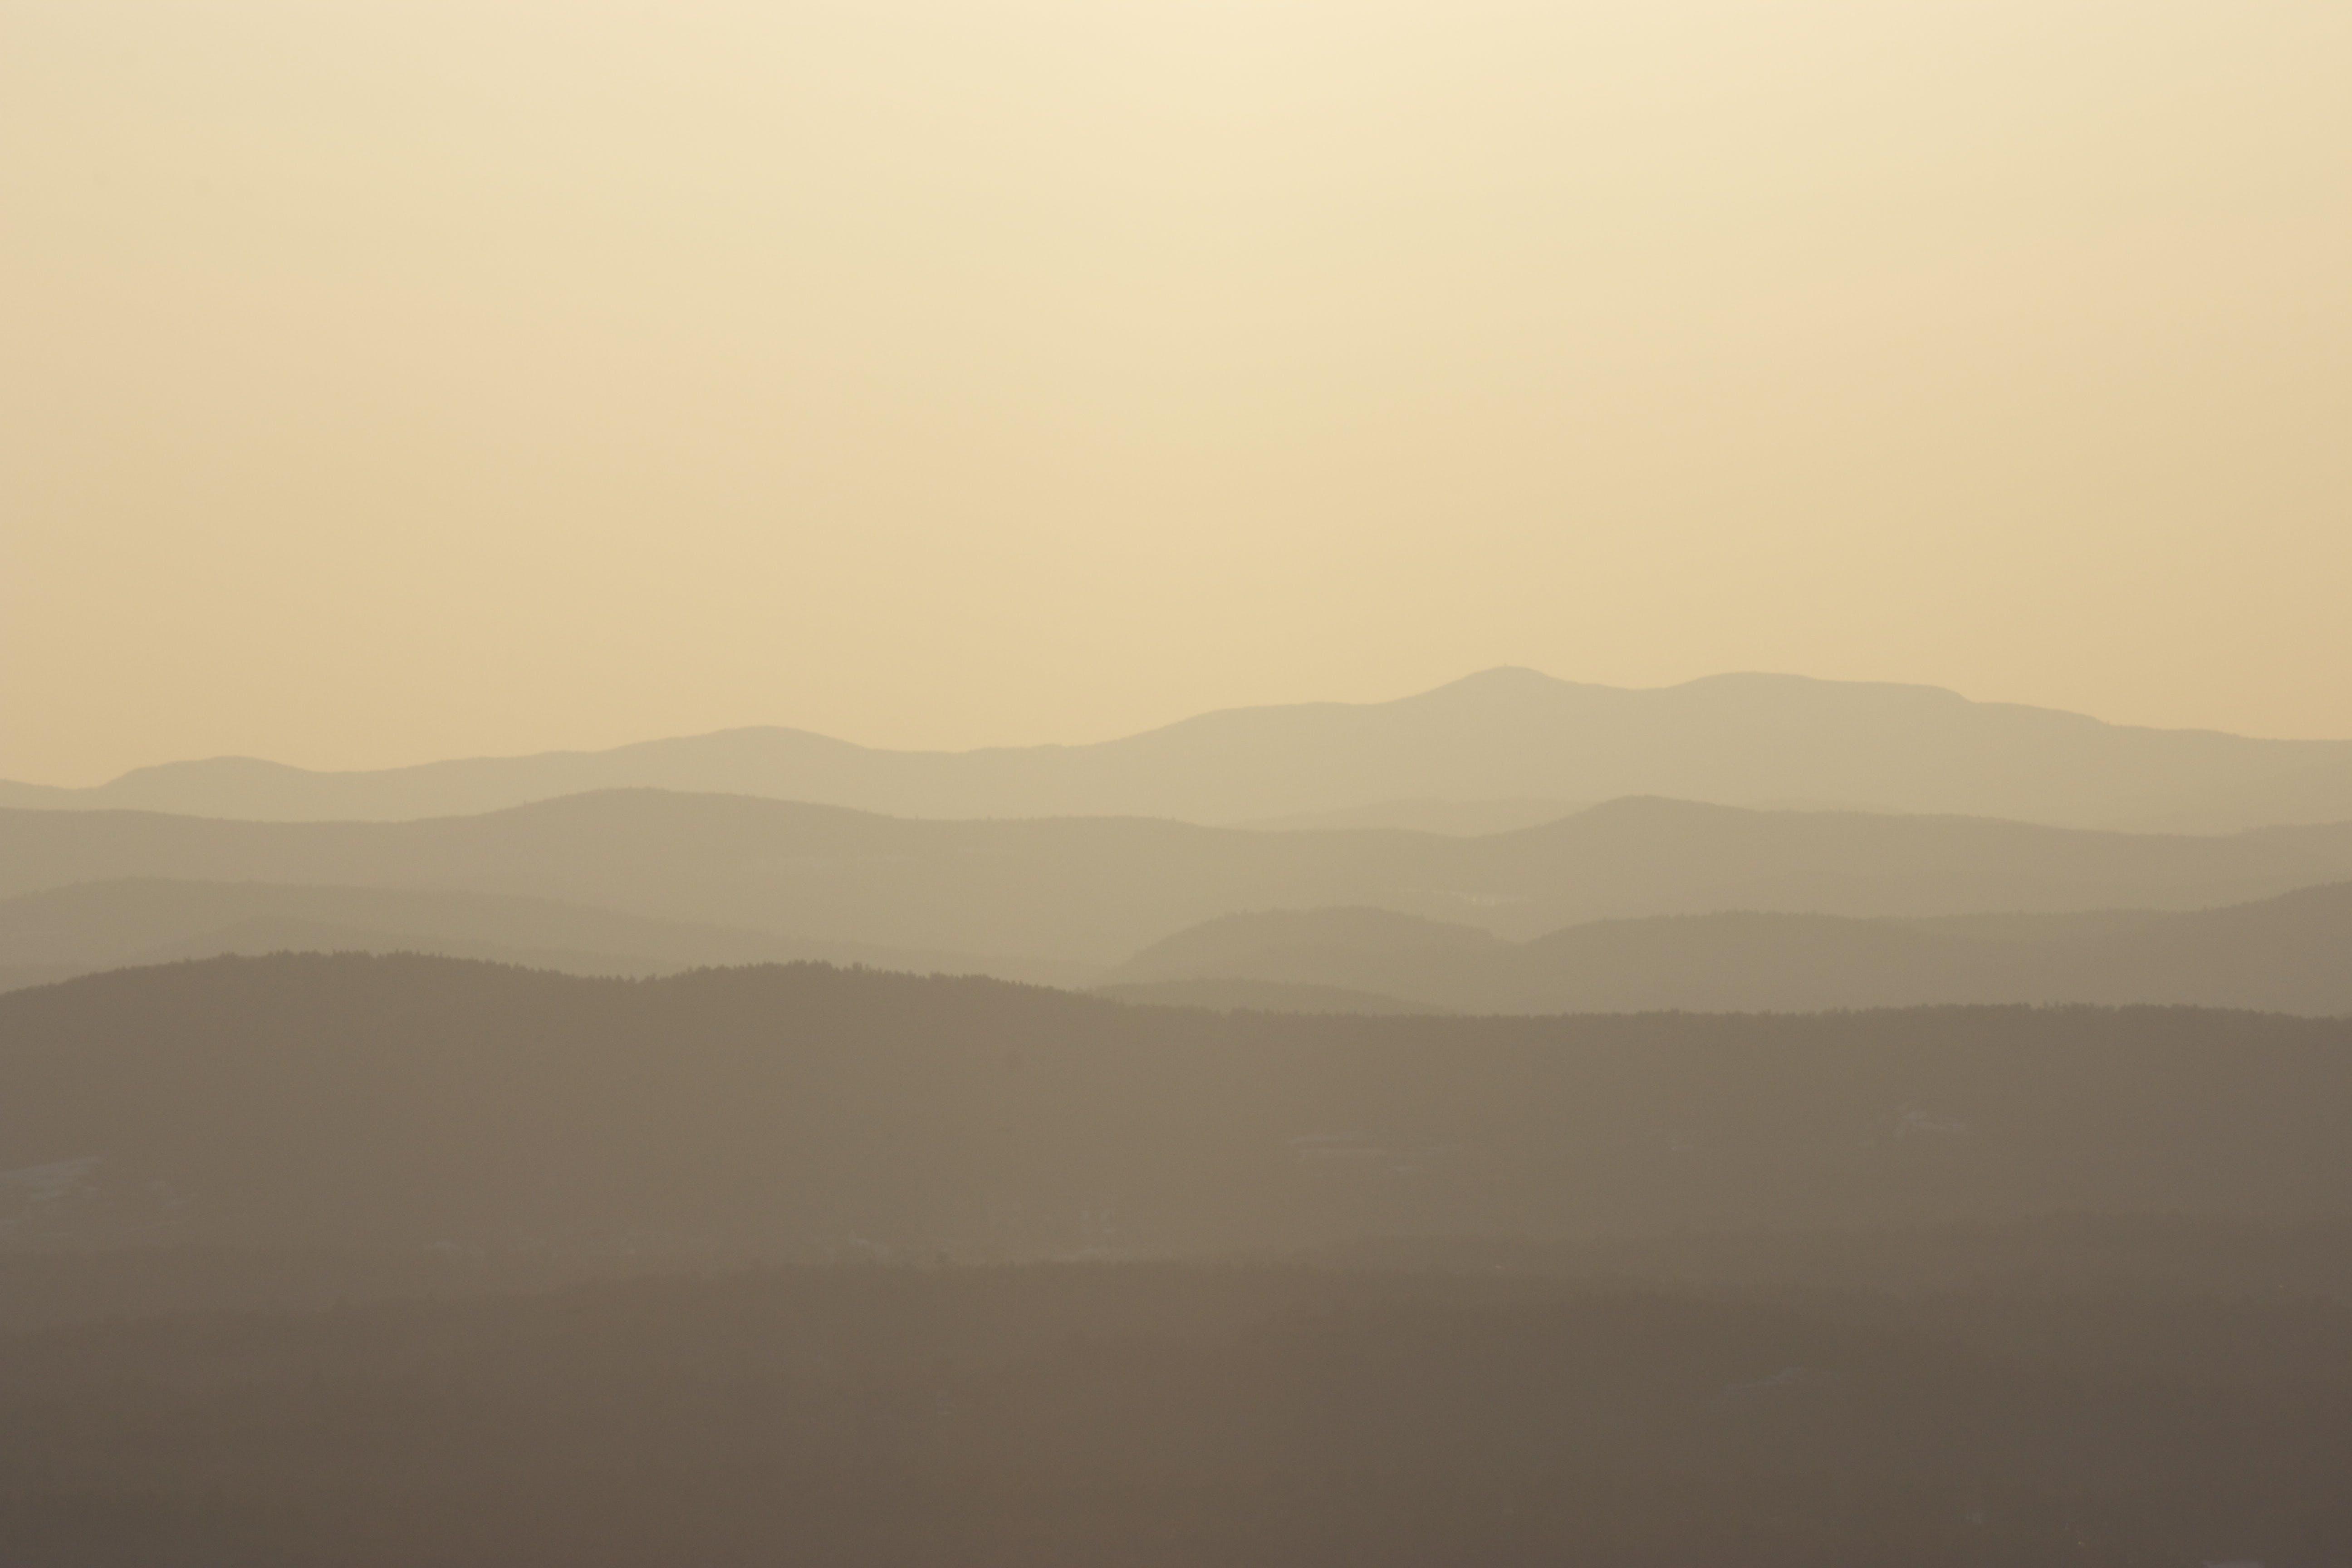 Free stock photo of mountains, silhouette